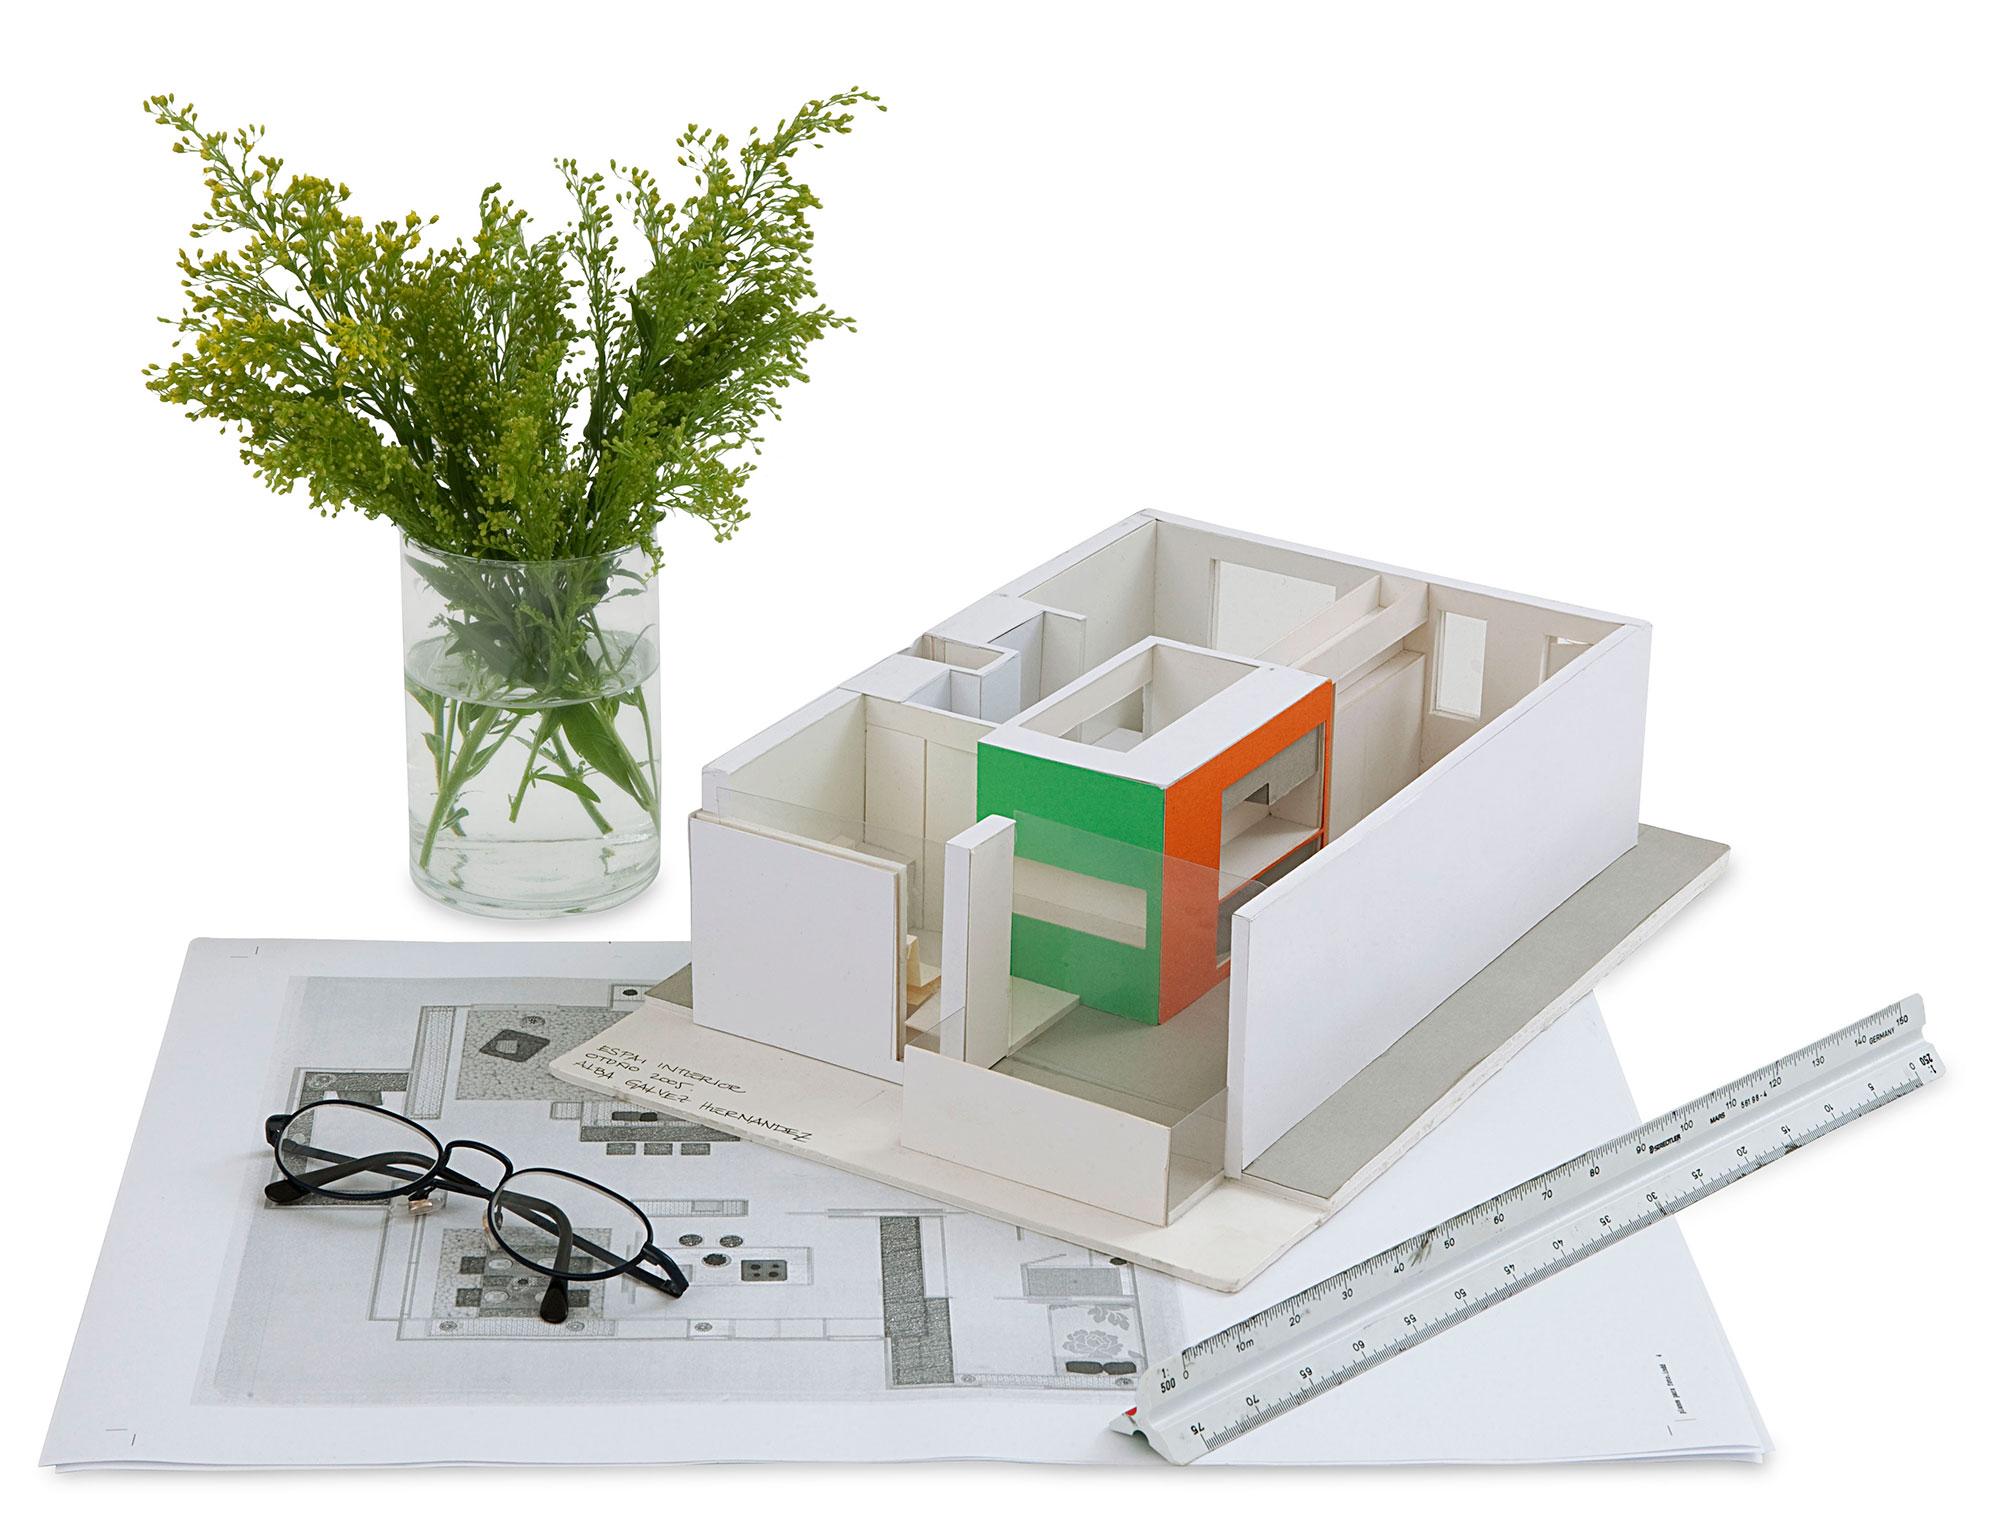 Que Extractor De Baño Necesito:Cómo hacer un plano a escala paso a paso